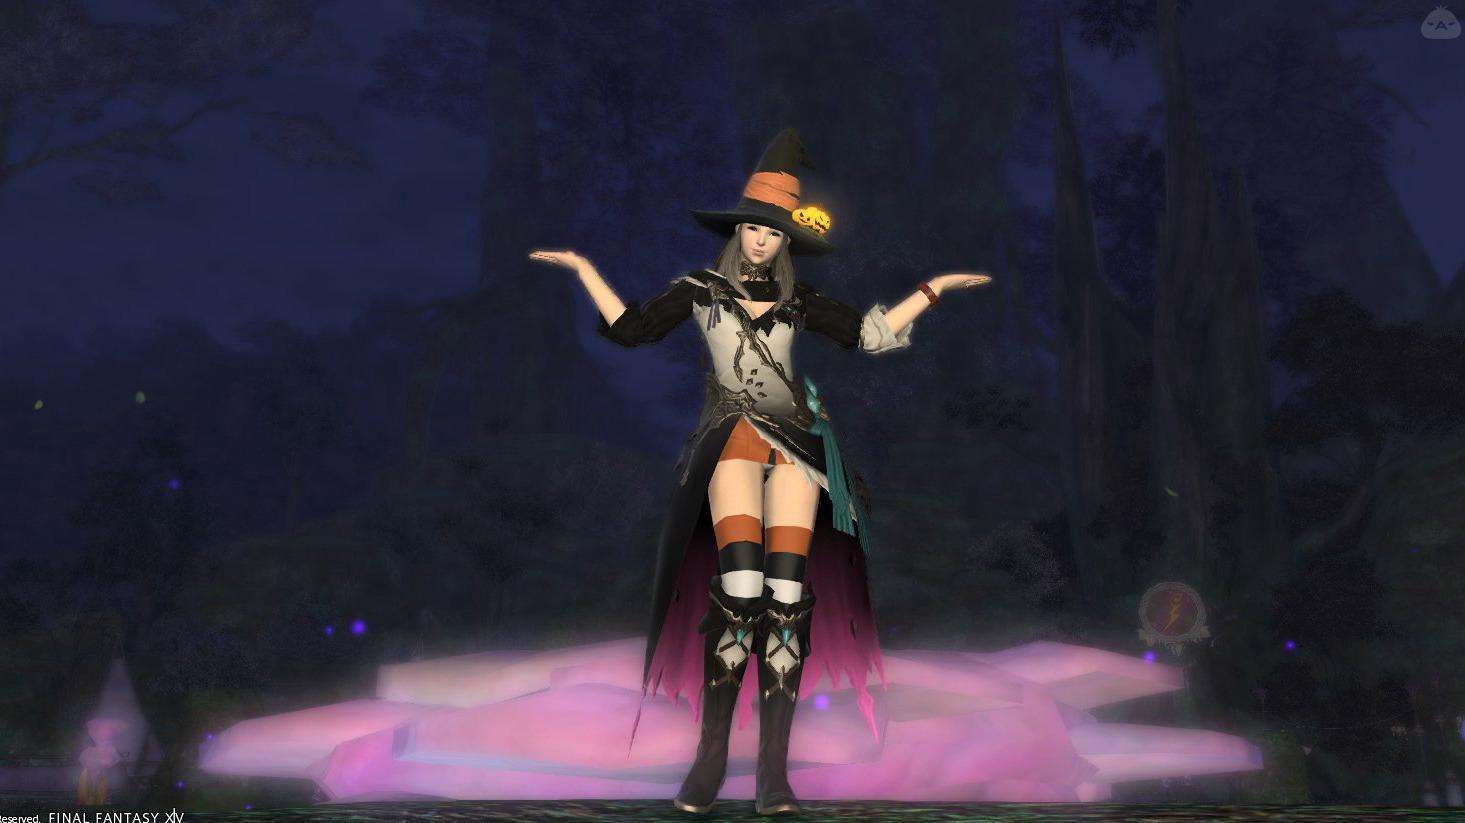 詩人で魔女っ子スタイル!